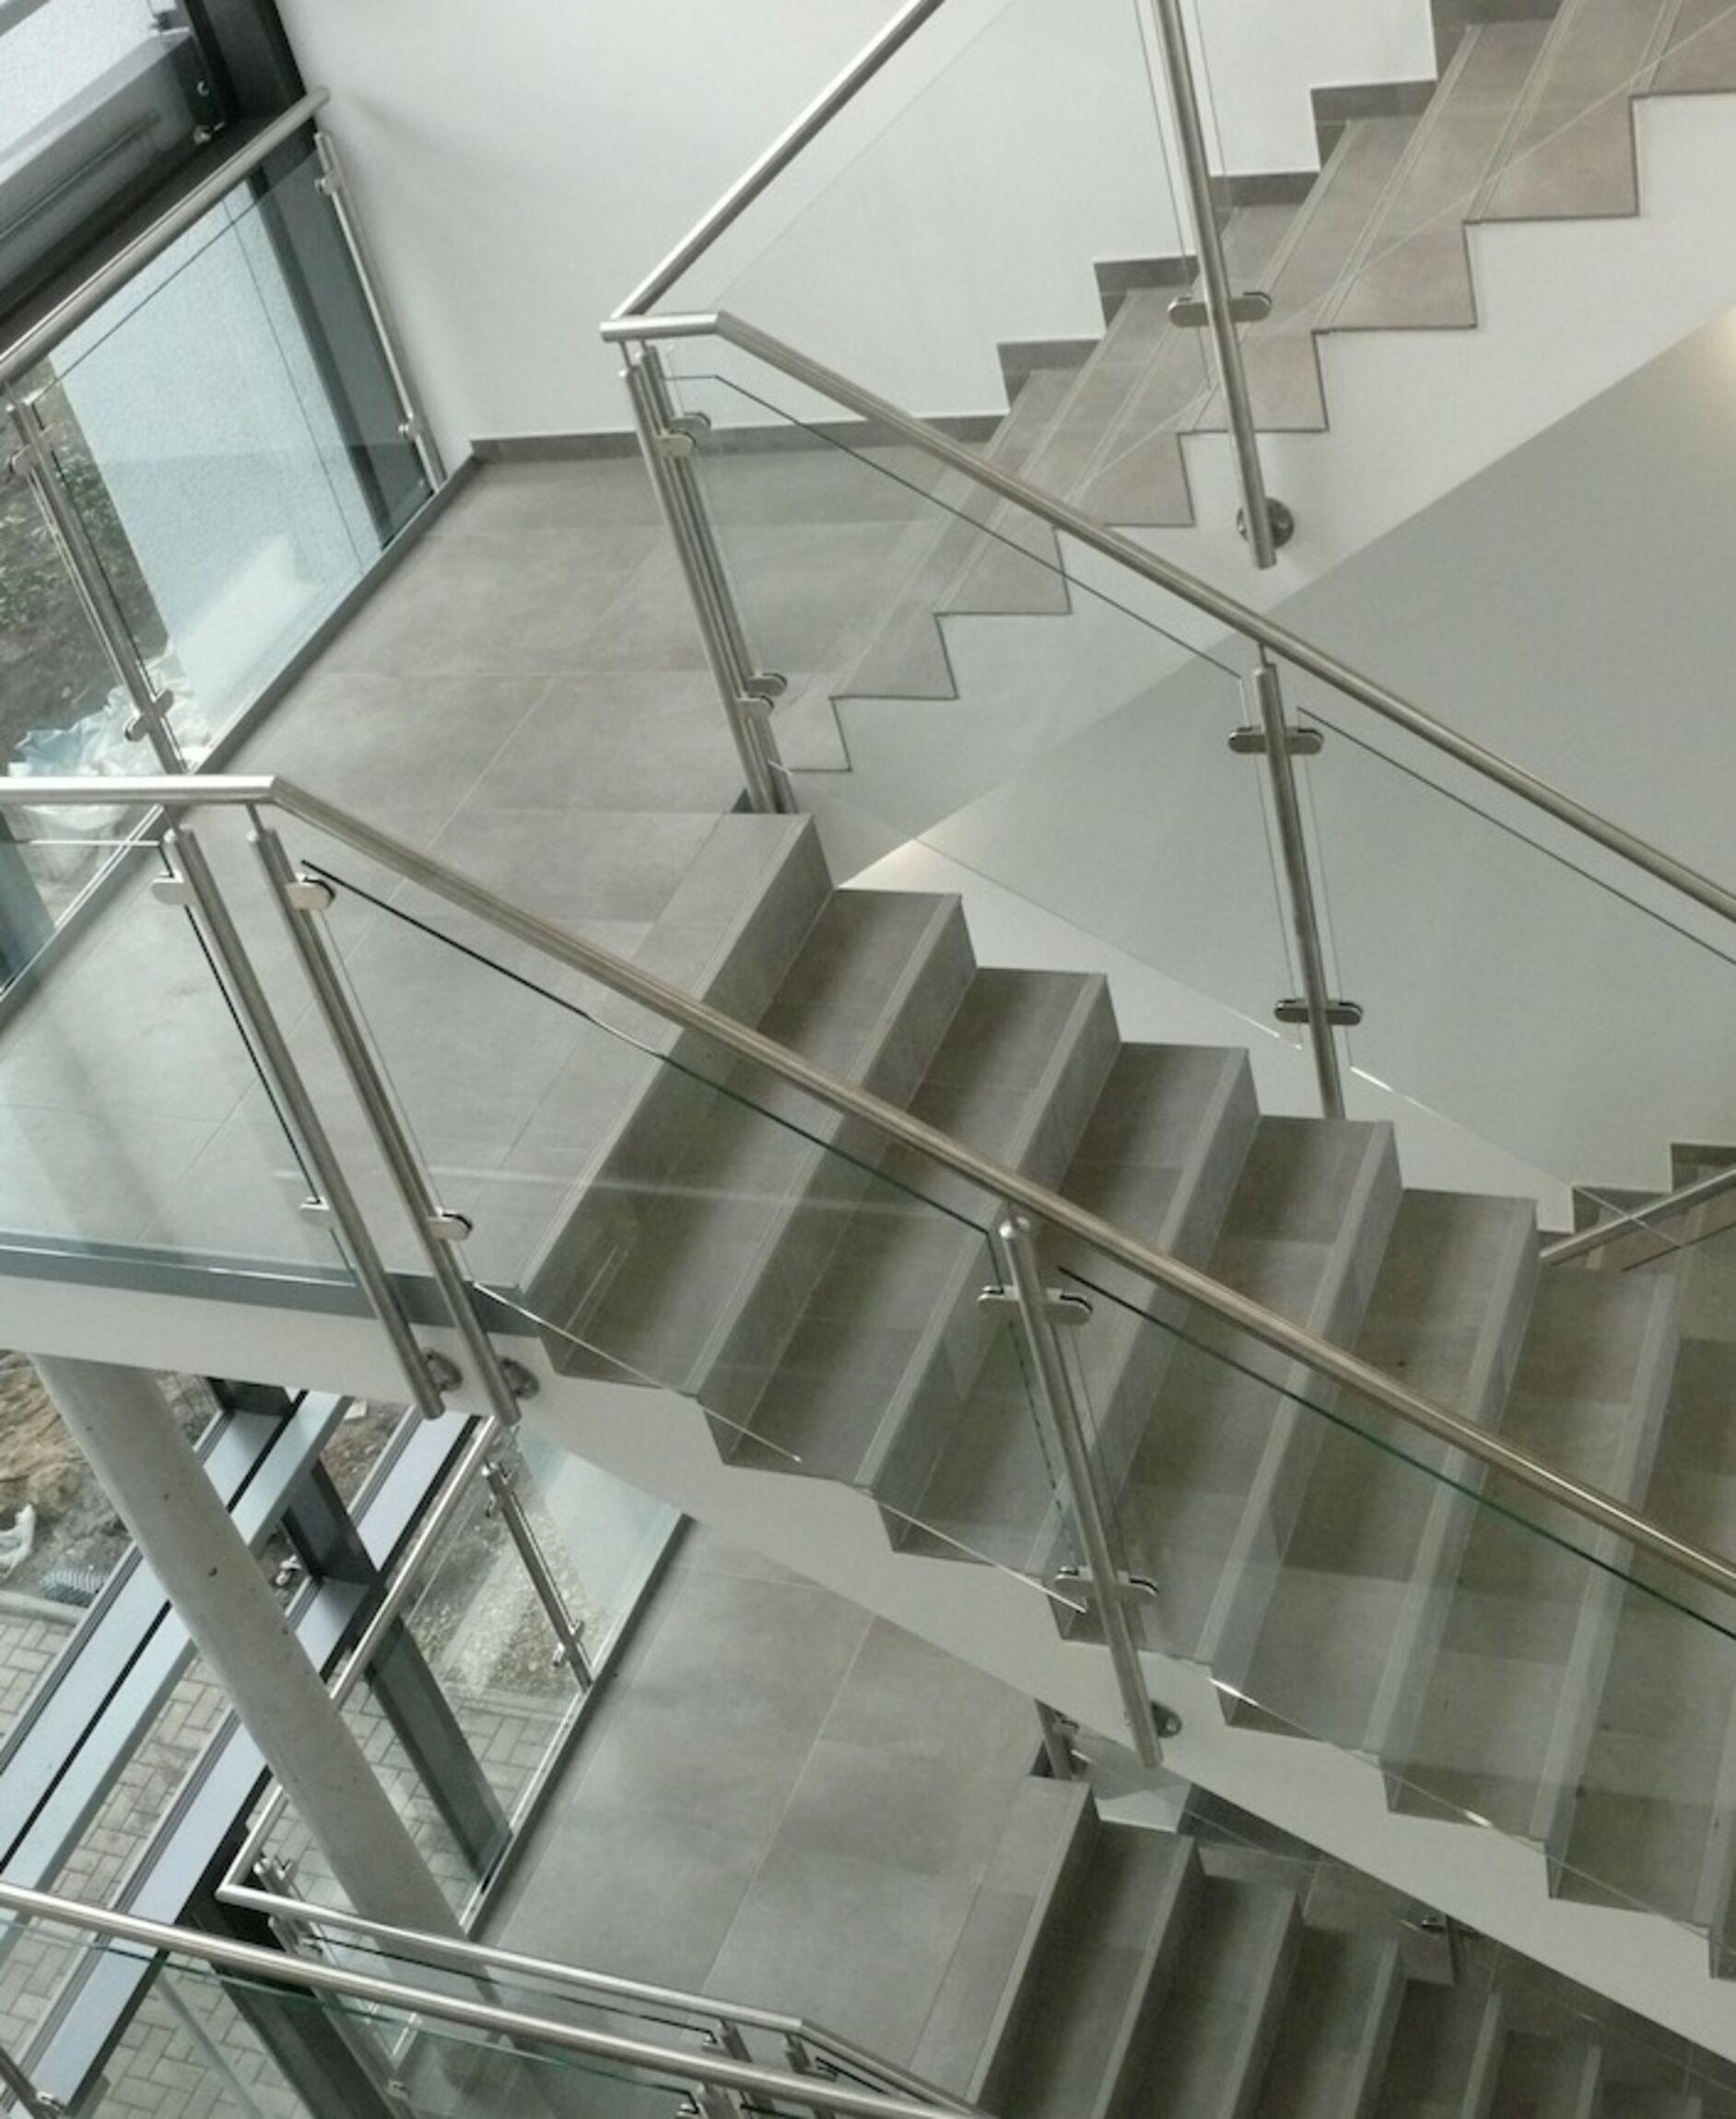 Treppenhaus_vonoben